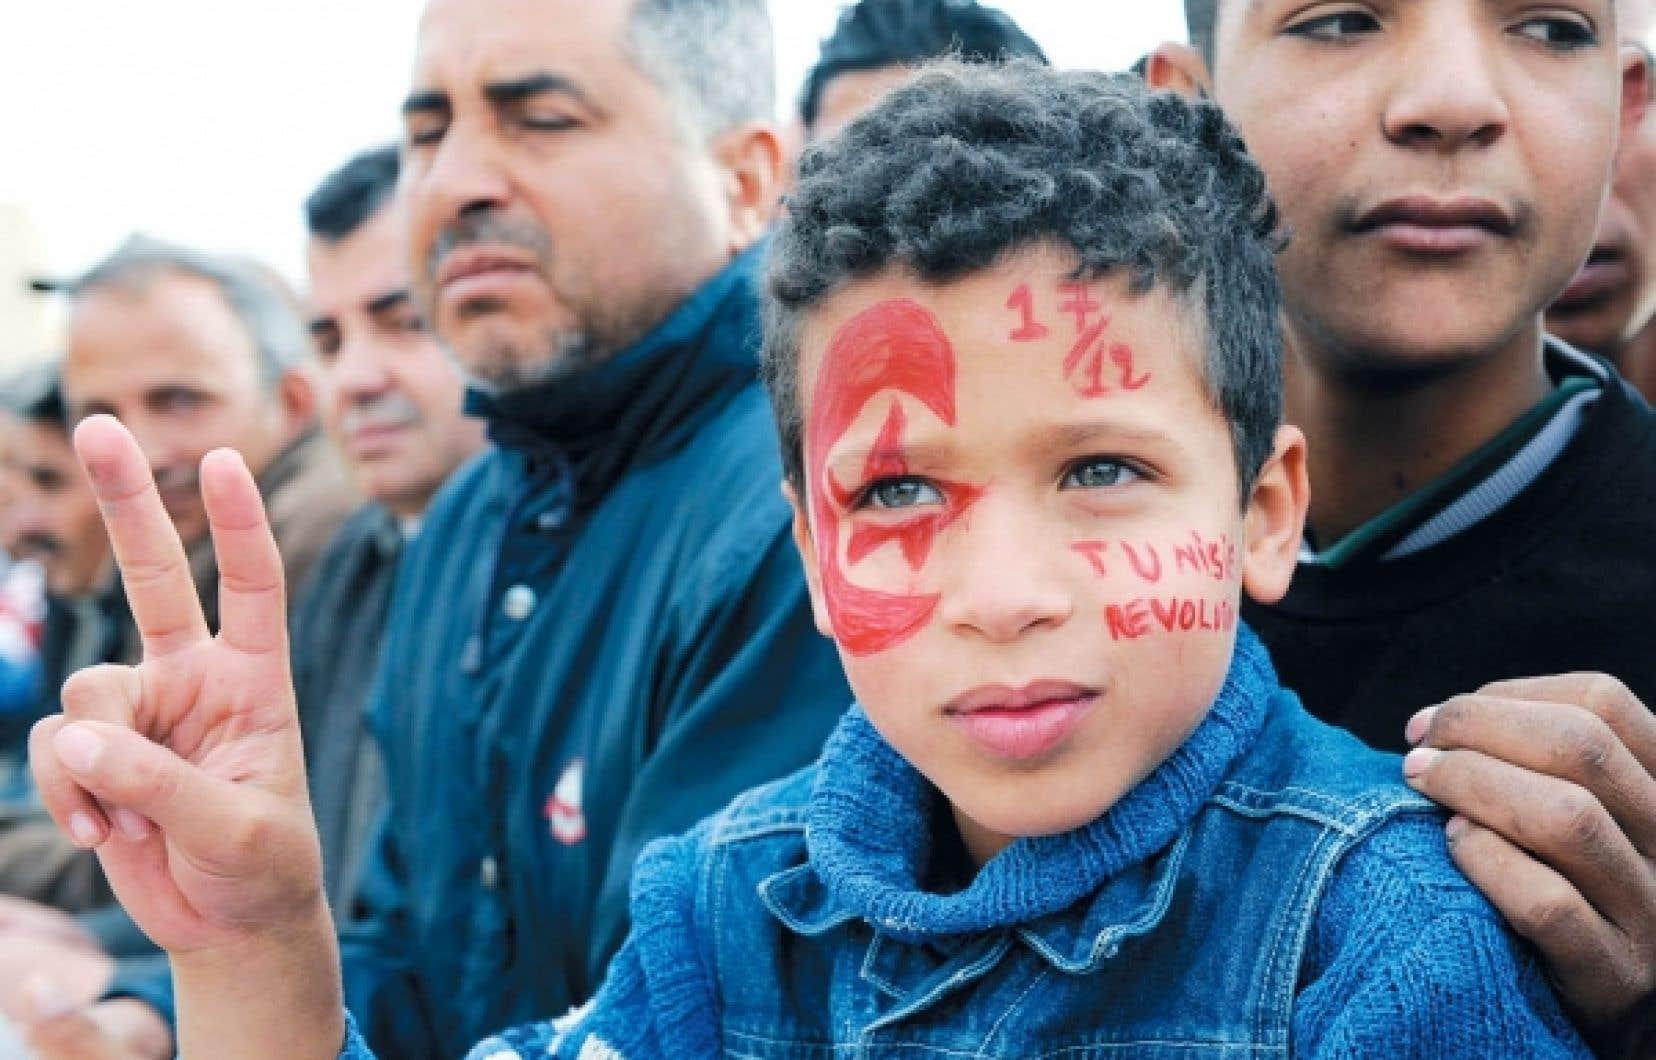 Le 17 décembre dernier, des milliers de Tunisiens se sont rassemblés à Sidi Bouzid, dans la ville où, un an auparavant, le jeune vendeur de fruits et légumes Mohamed Bouazizi s'était immolé par le feu pour protester contre sa situation et contre le harcèlement policier. Ce devait être l'étincelle qui déclencha la révolte à l'origine du printemps arabe.<br />